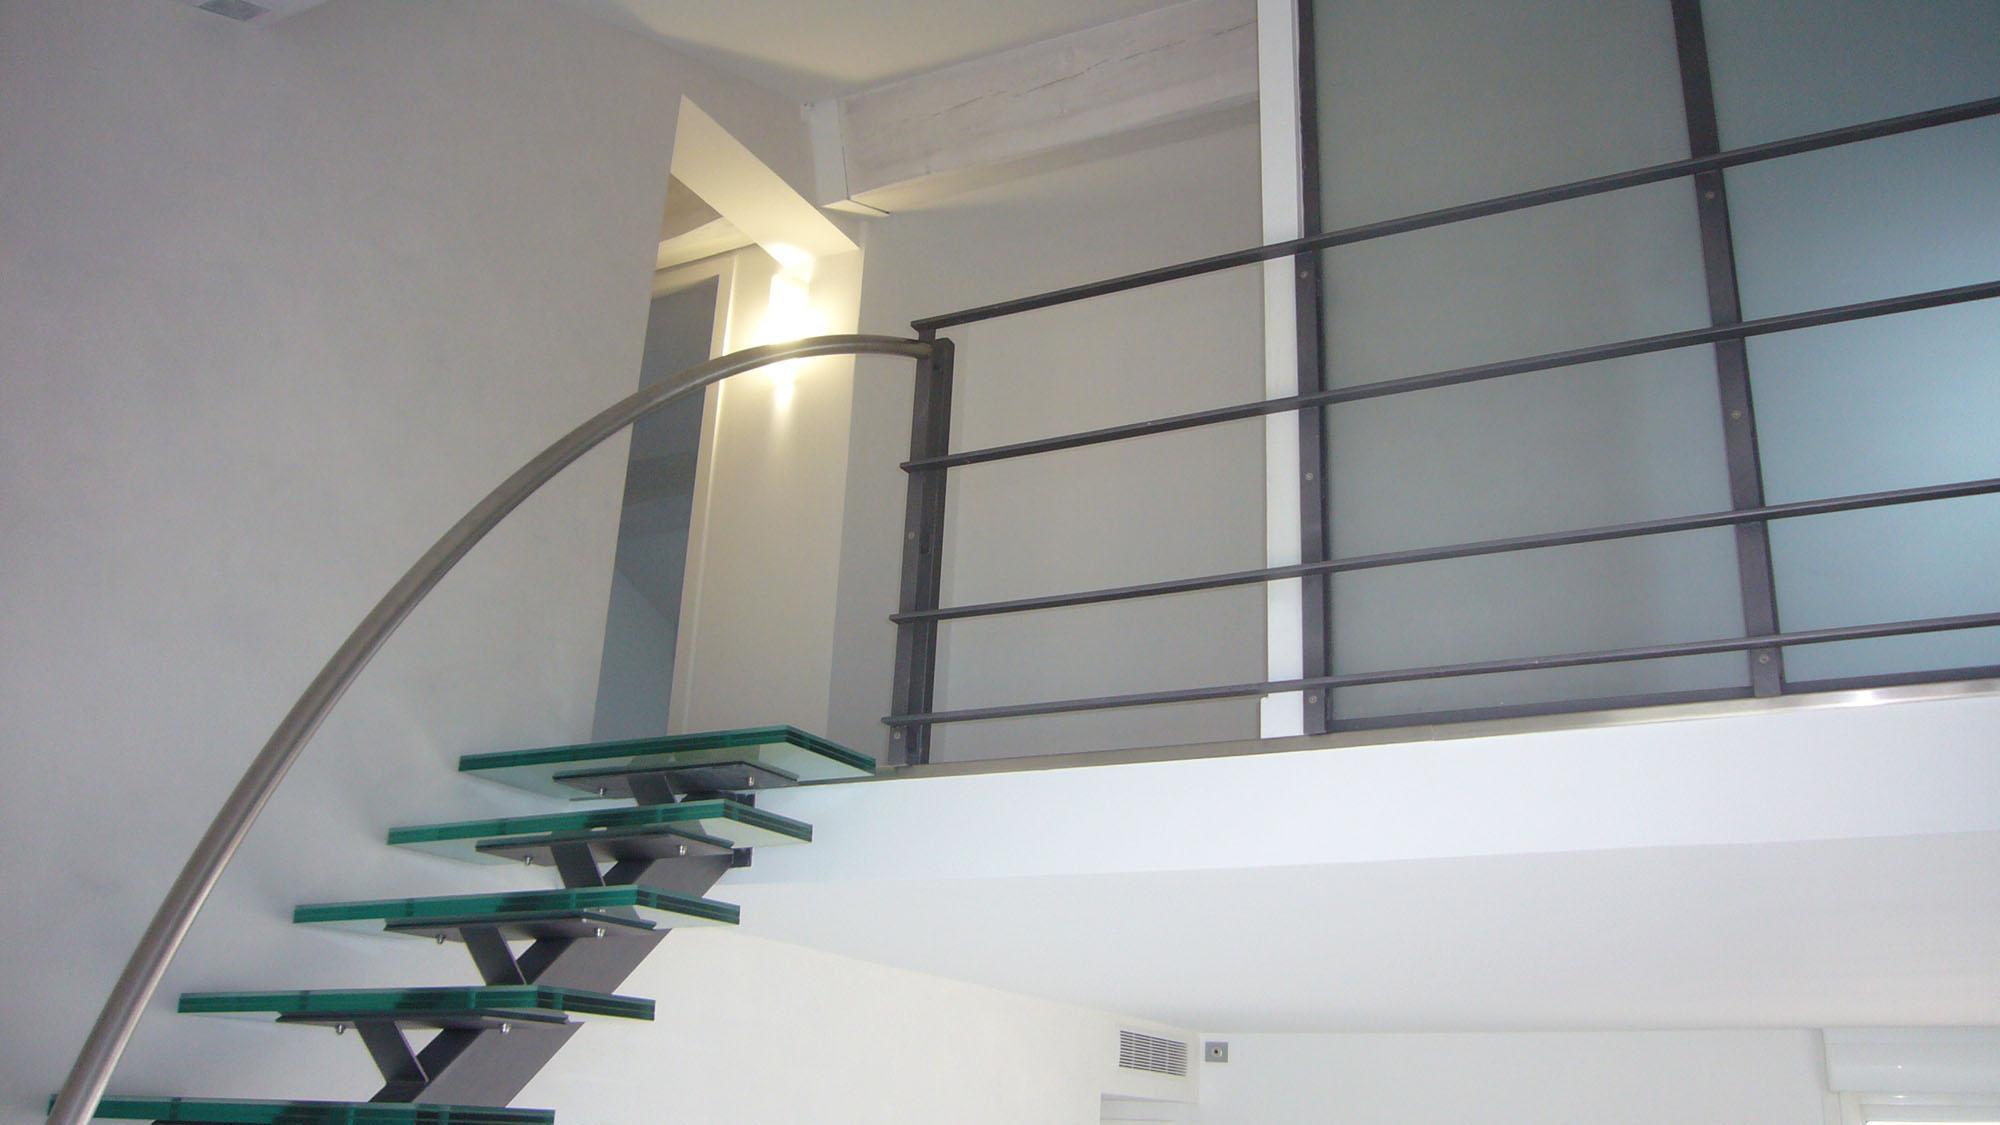 Escalier marche verre ou bois